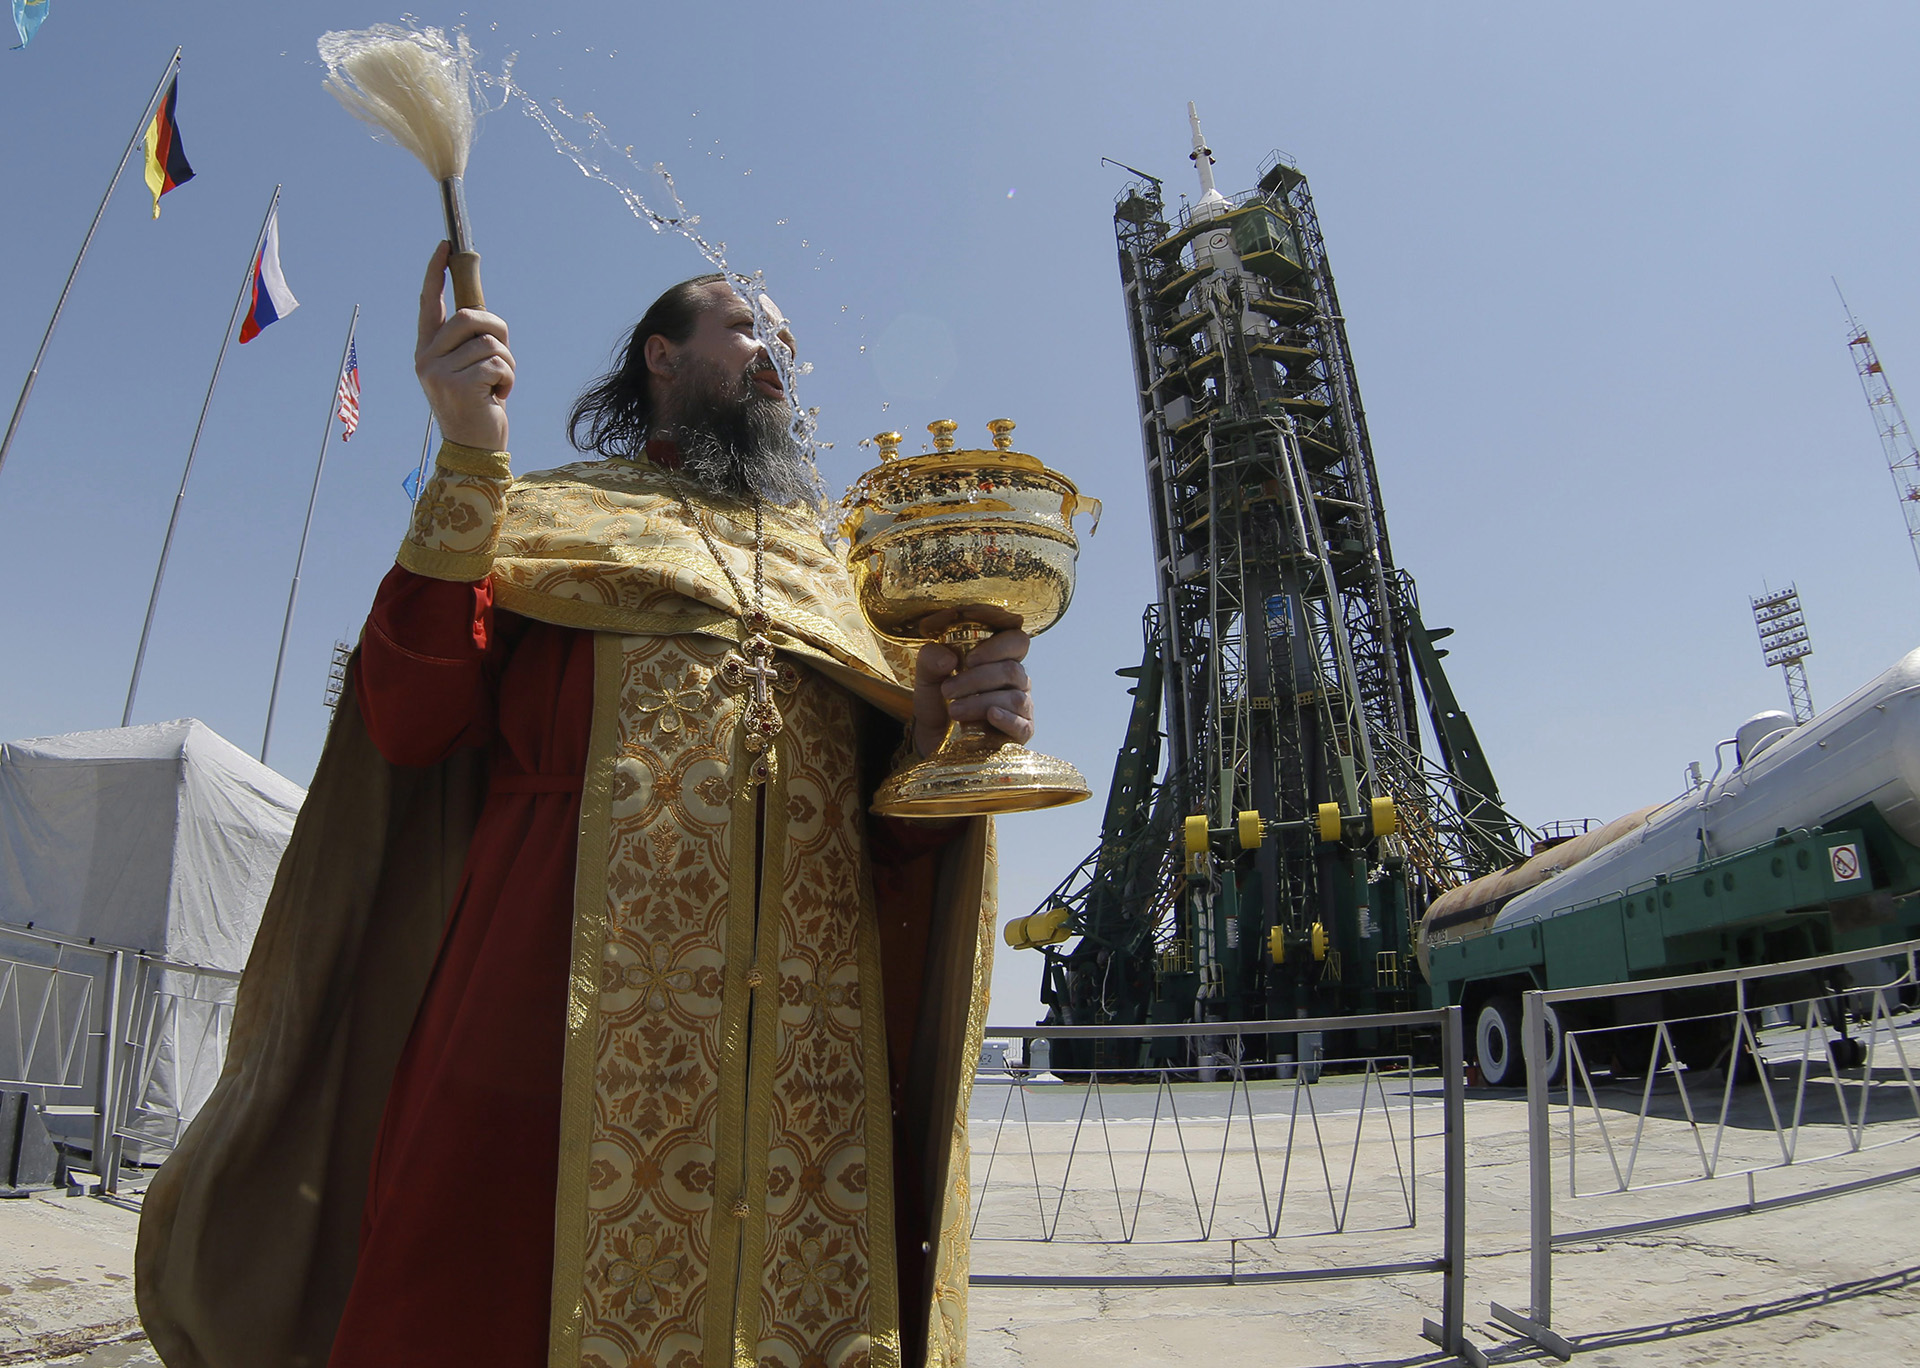 Az orosz ortodox egyháznak nem tetszik, hogy szigorúbban büntetnék a családon belüli erőszakot